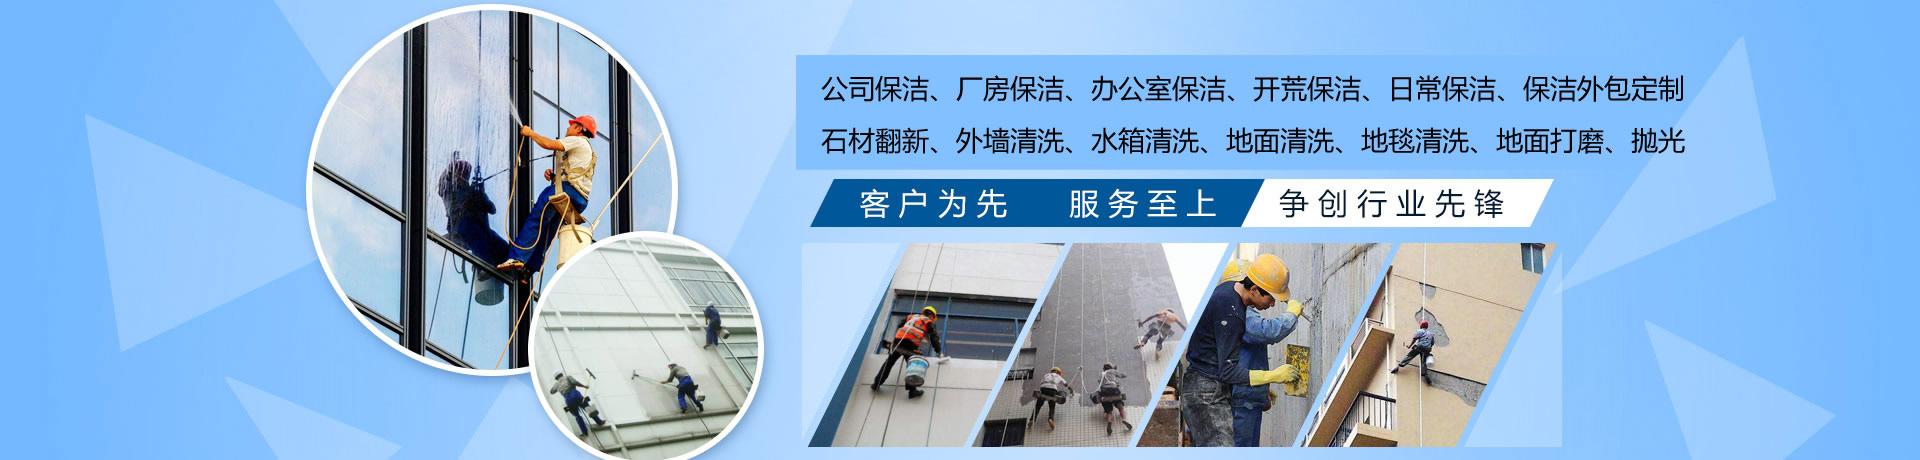 万博体育mantbex网页版登录_万博man手机客户端_万博体育app下载